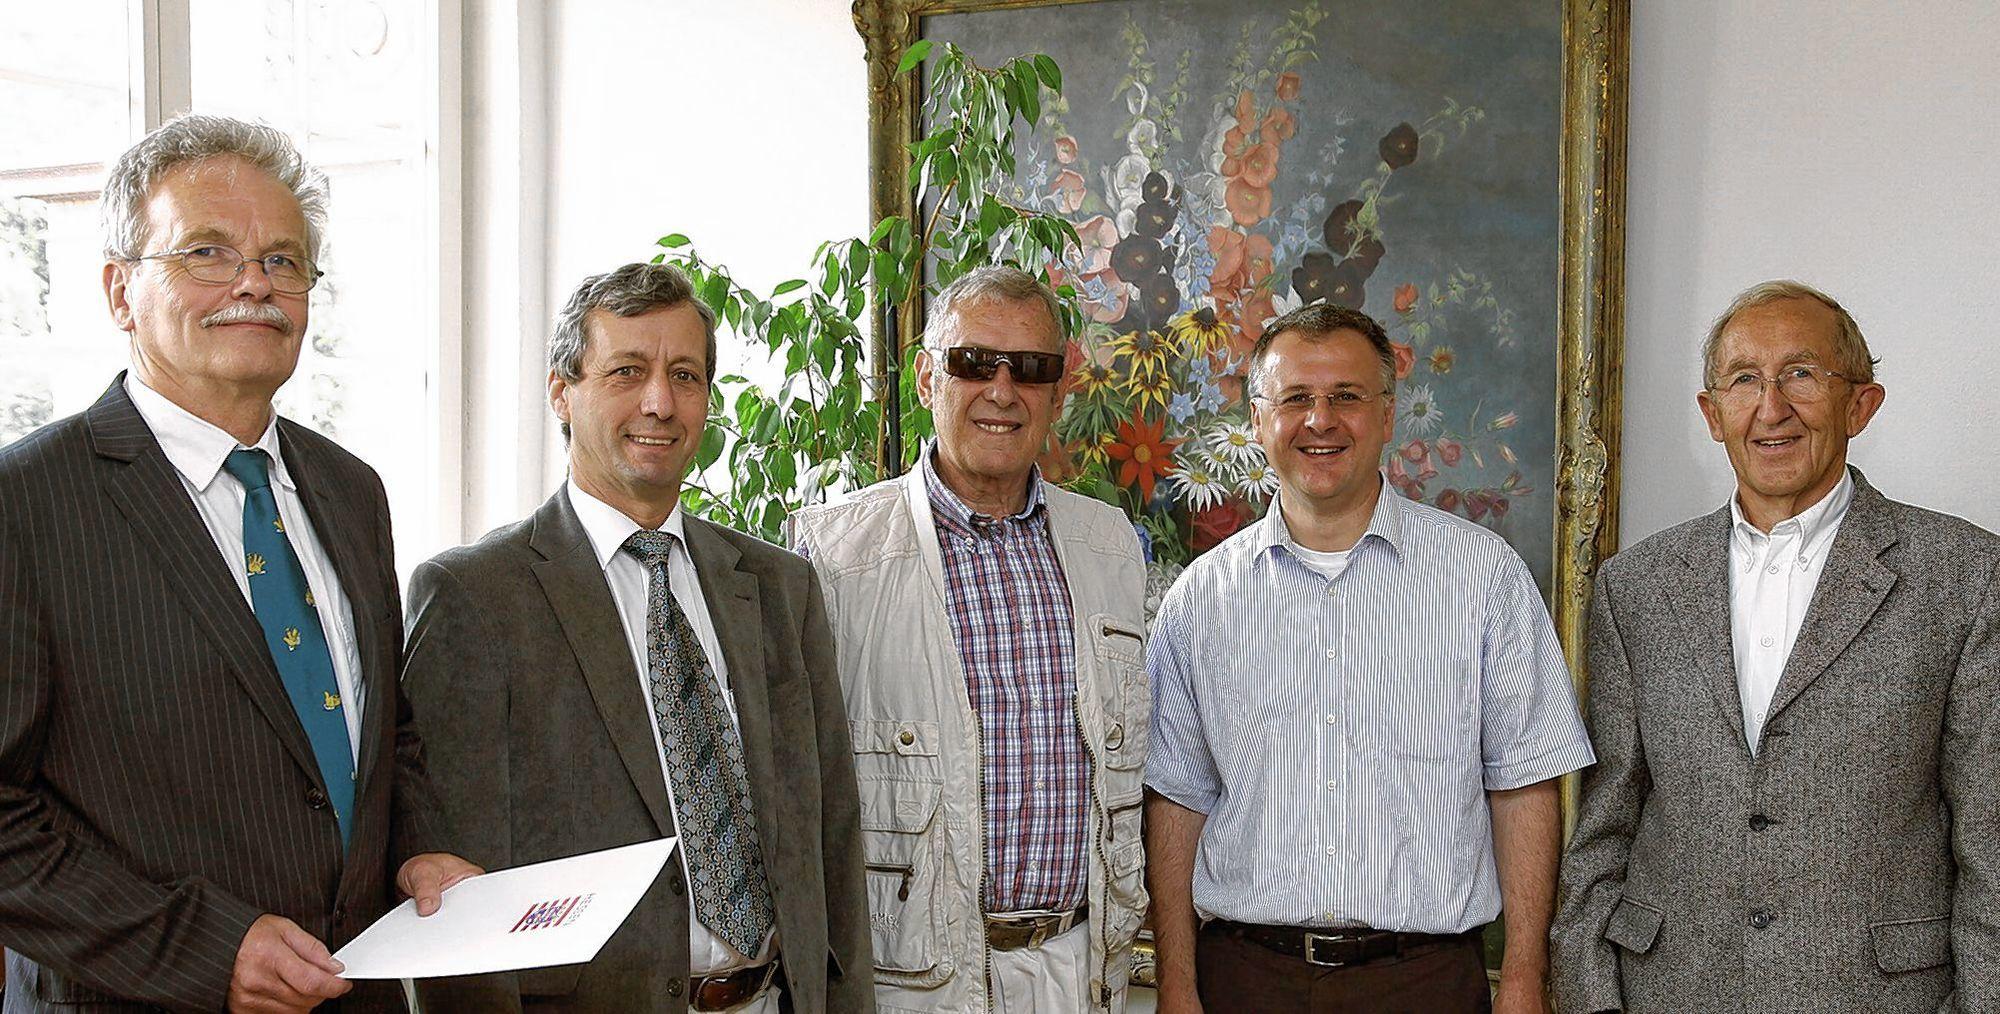 Franz Rothermel Personensuche Kontakt Bilder Profile Mehr